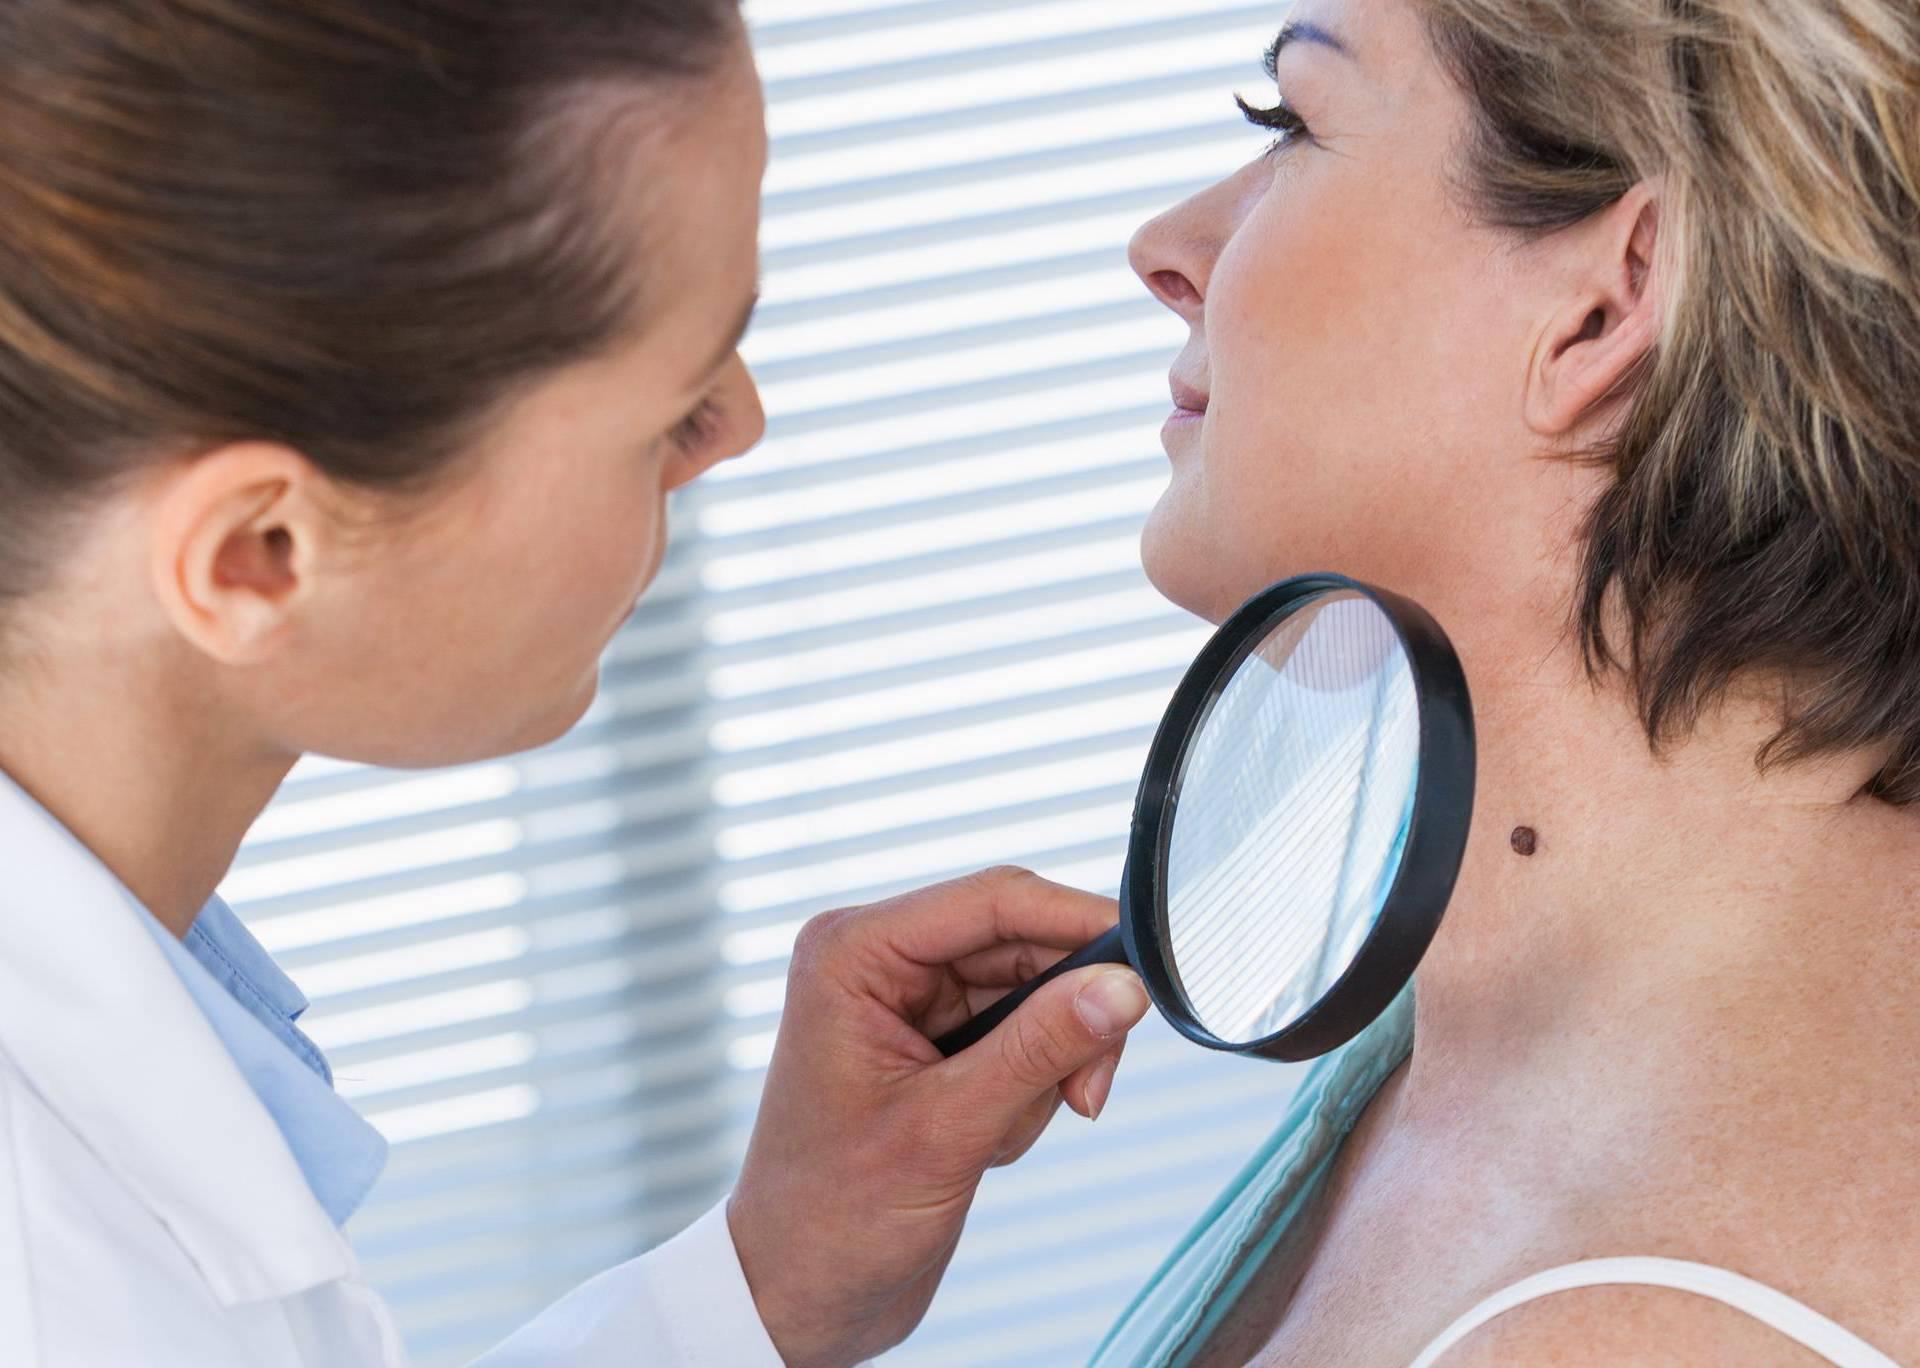 Kraj biopsijama: Rak kože moći će se otkriti uz pomoć flastera